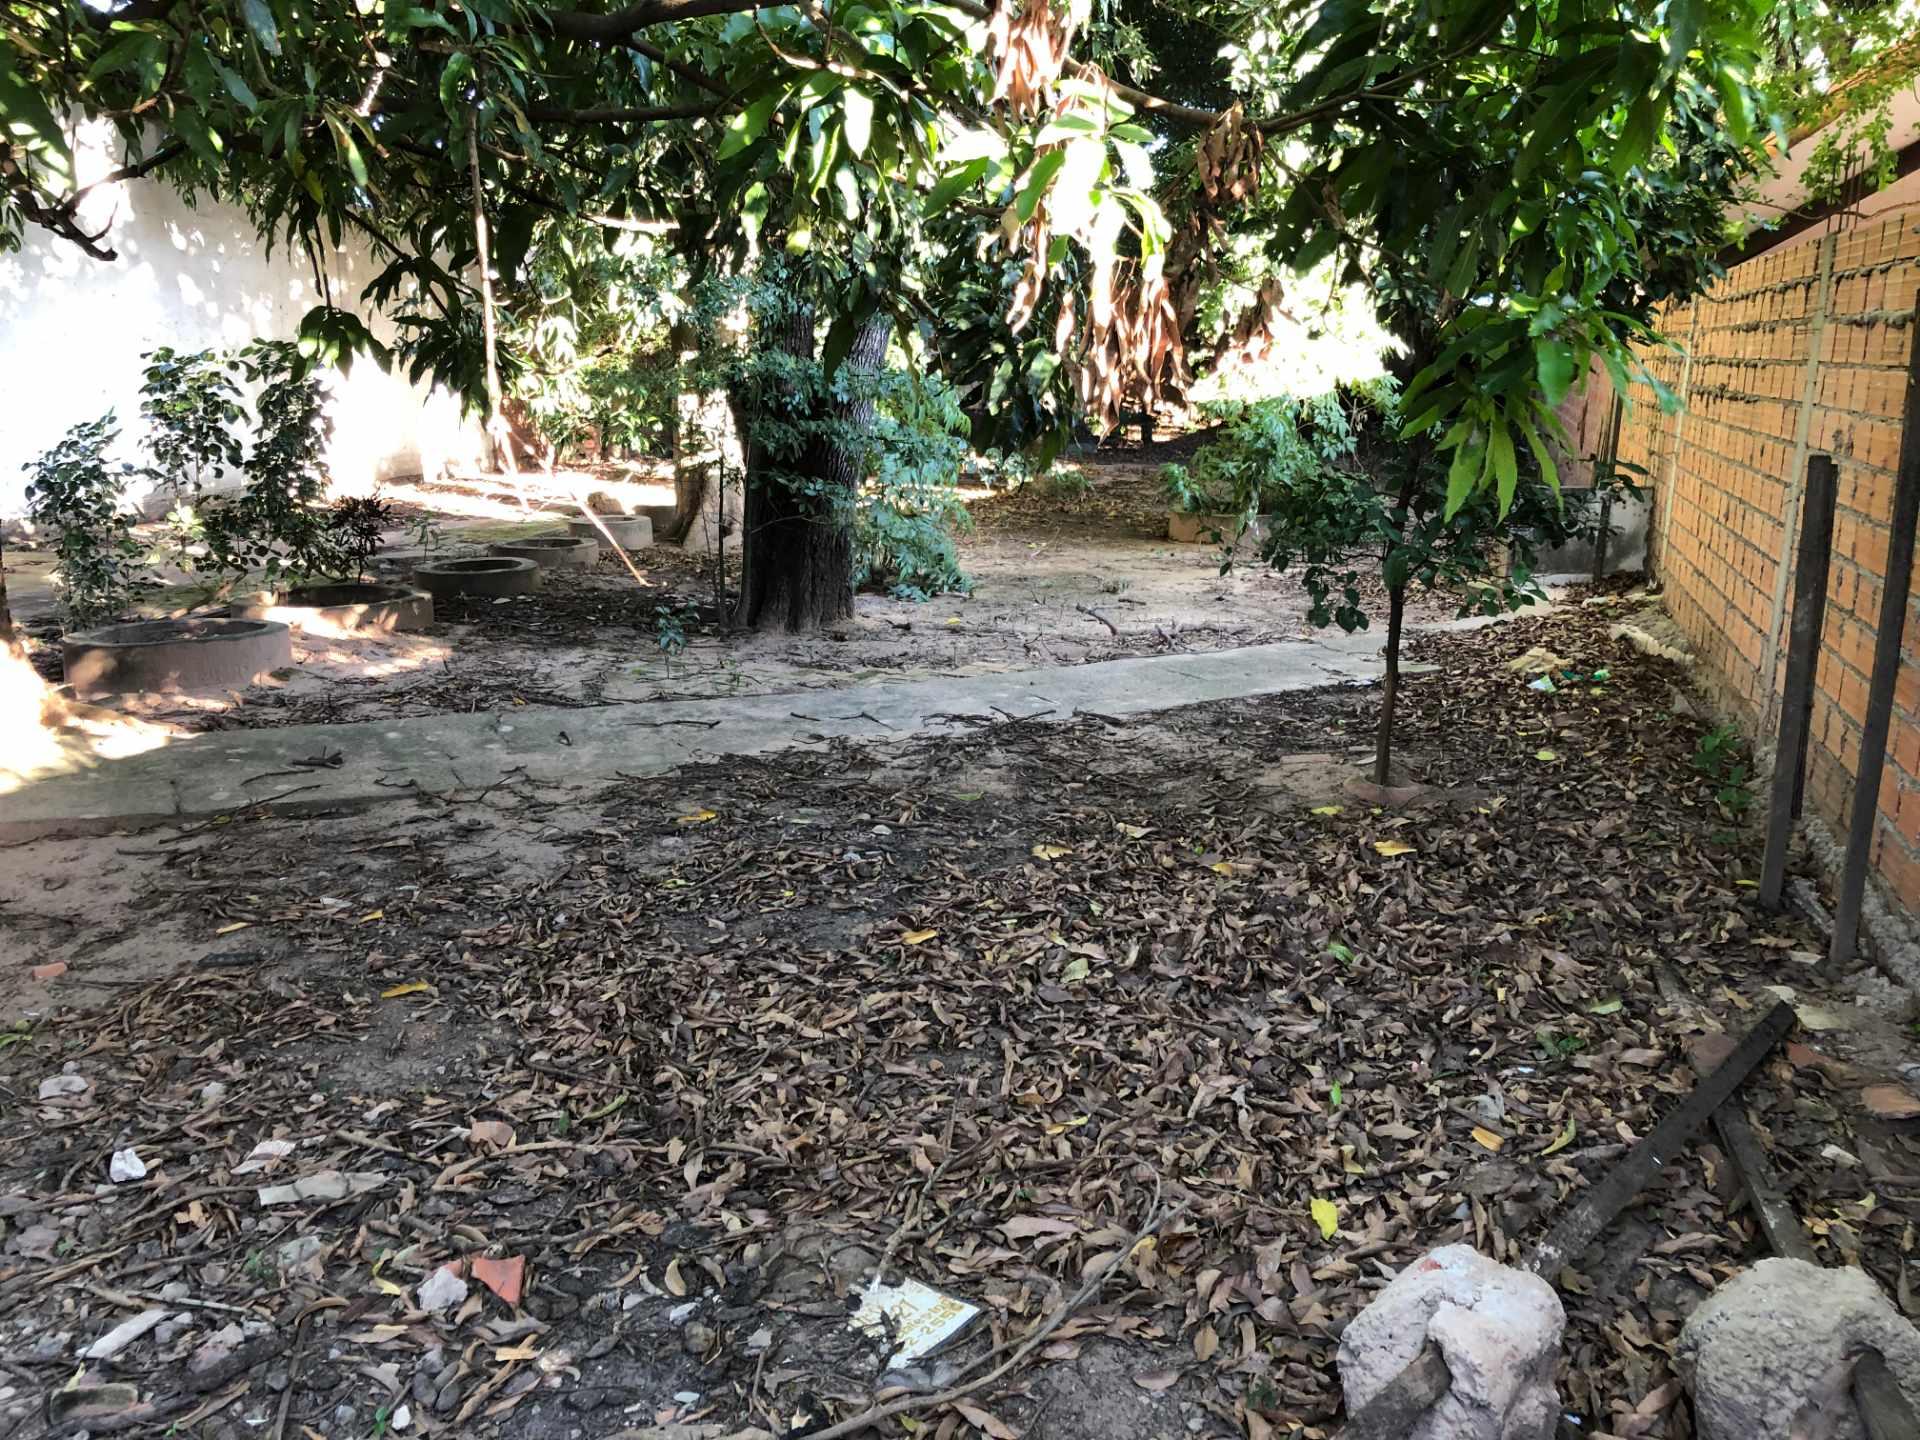 Terreno en Venta Calle El Fuerte s/n, zona barrio Los Choferes (al lado del Hostal Jodanga) Foto 5